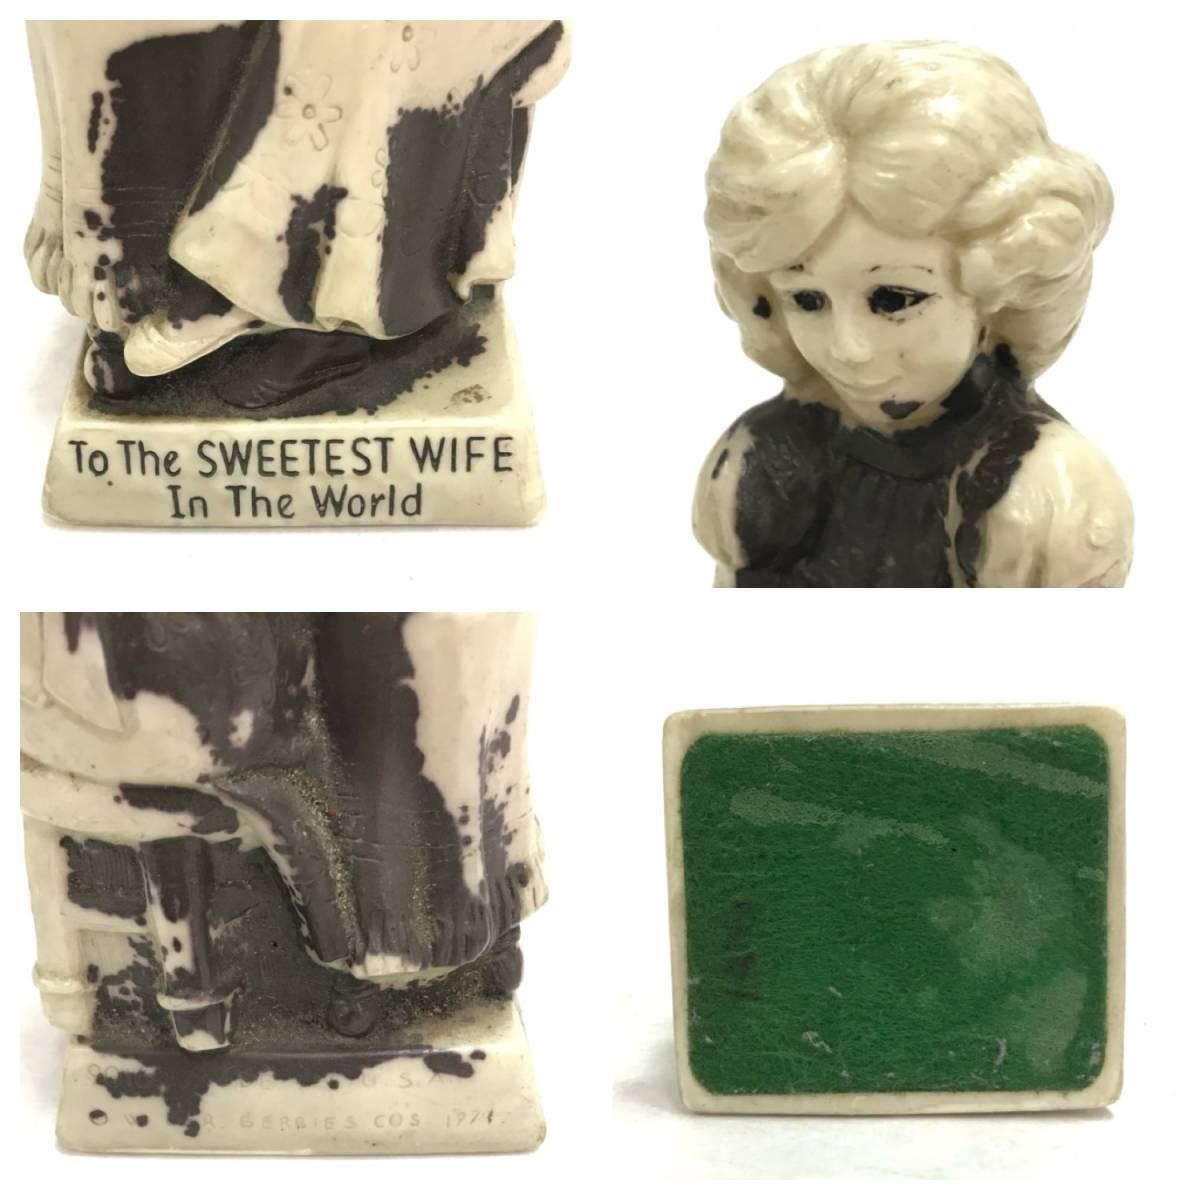 メッセージドール To The SERRTEST WIFE In The World インテリア 雑貨 小物 置物 ビンテージ アンティーク レトロ オールド DOLL D-1391_画像4